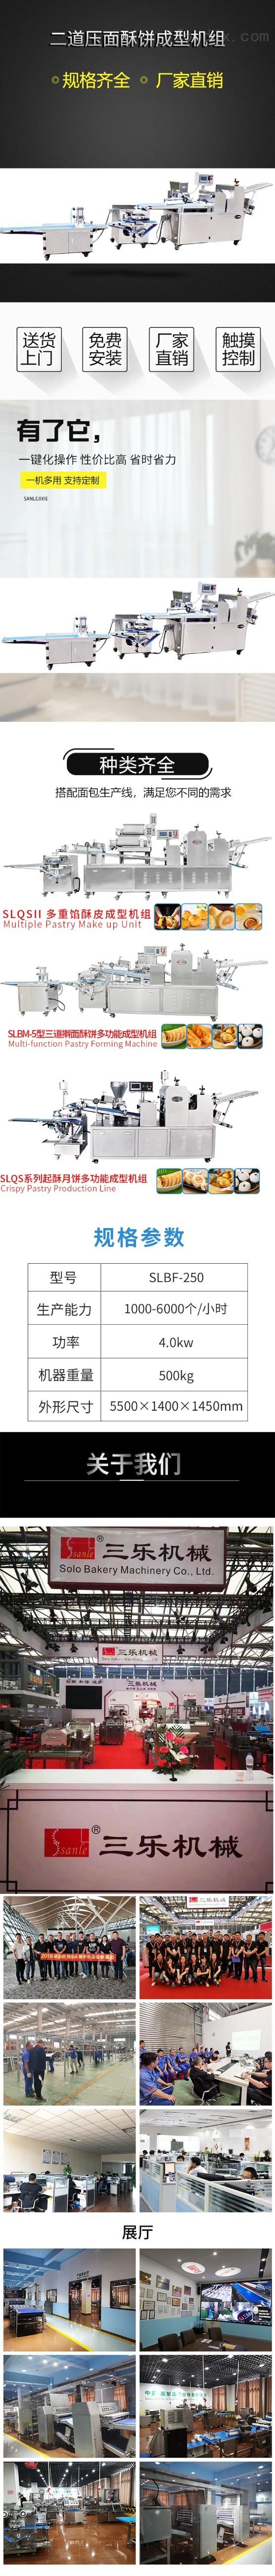 250酥饼详情.jpg